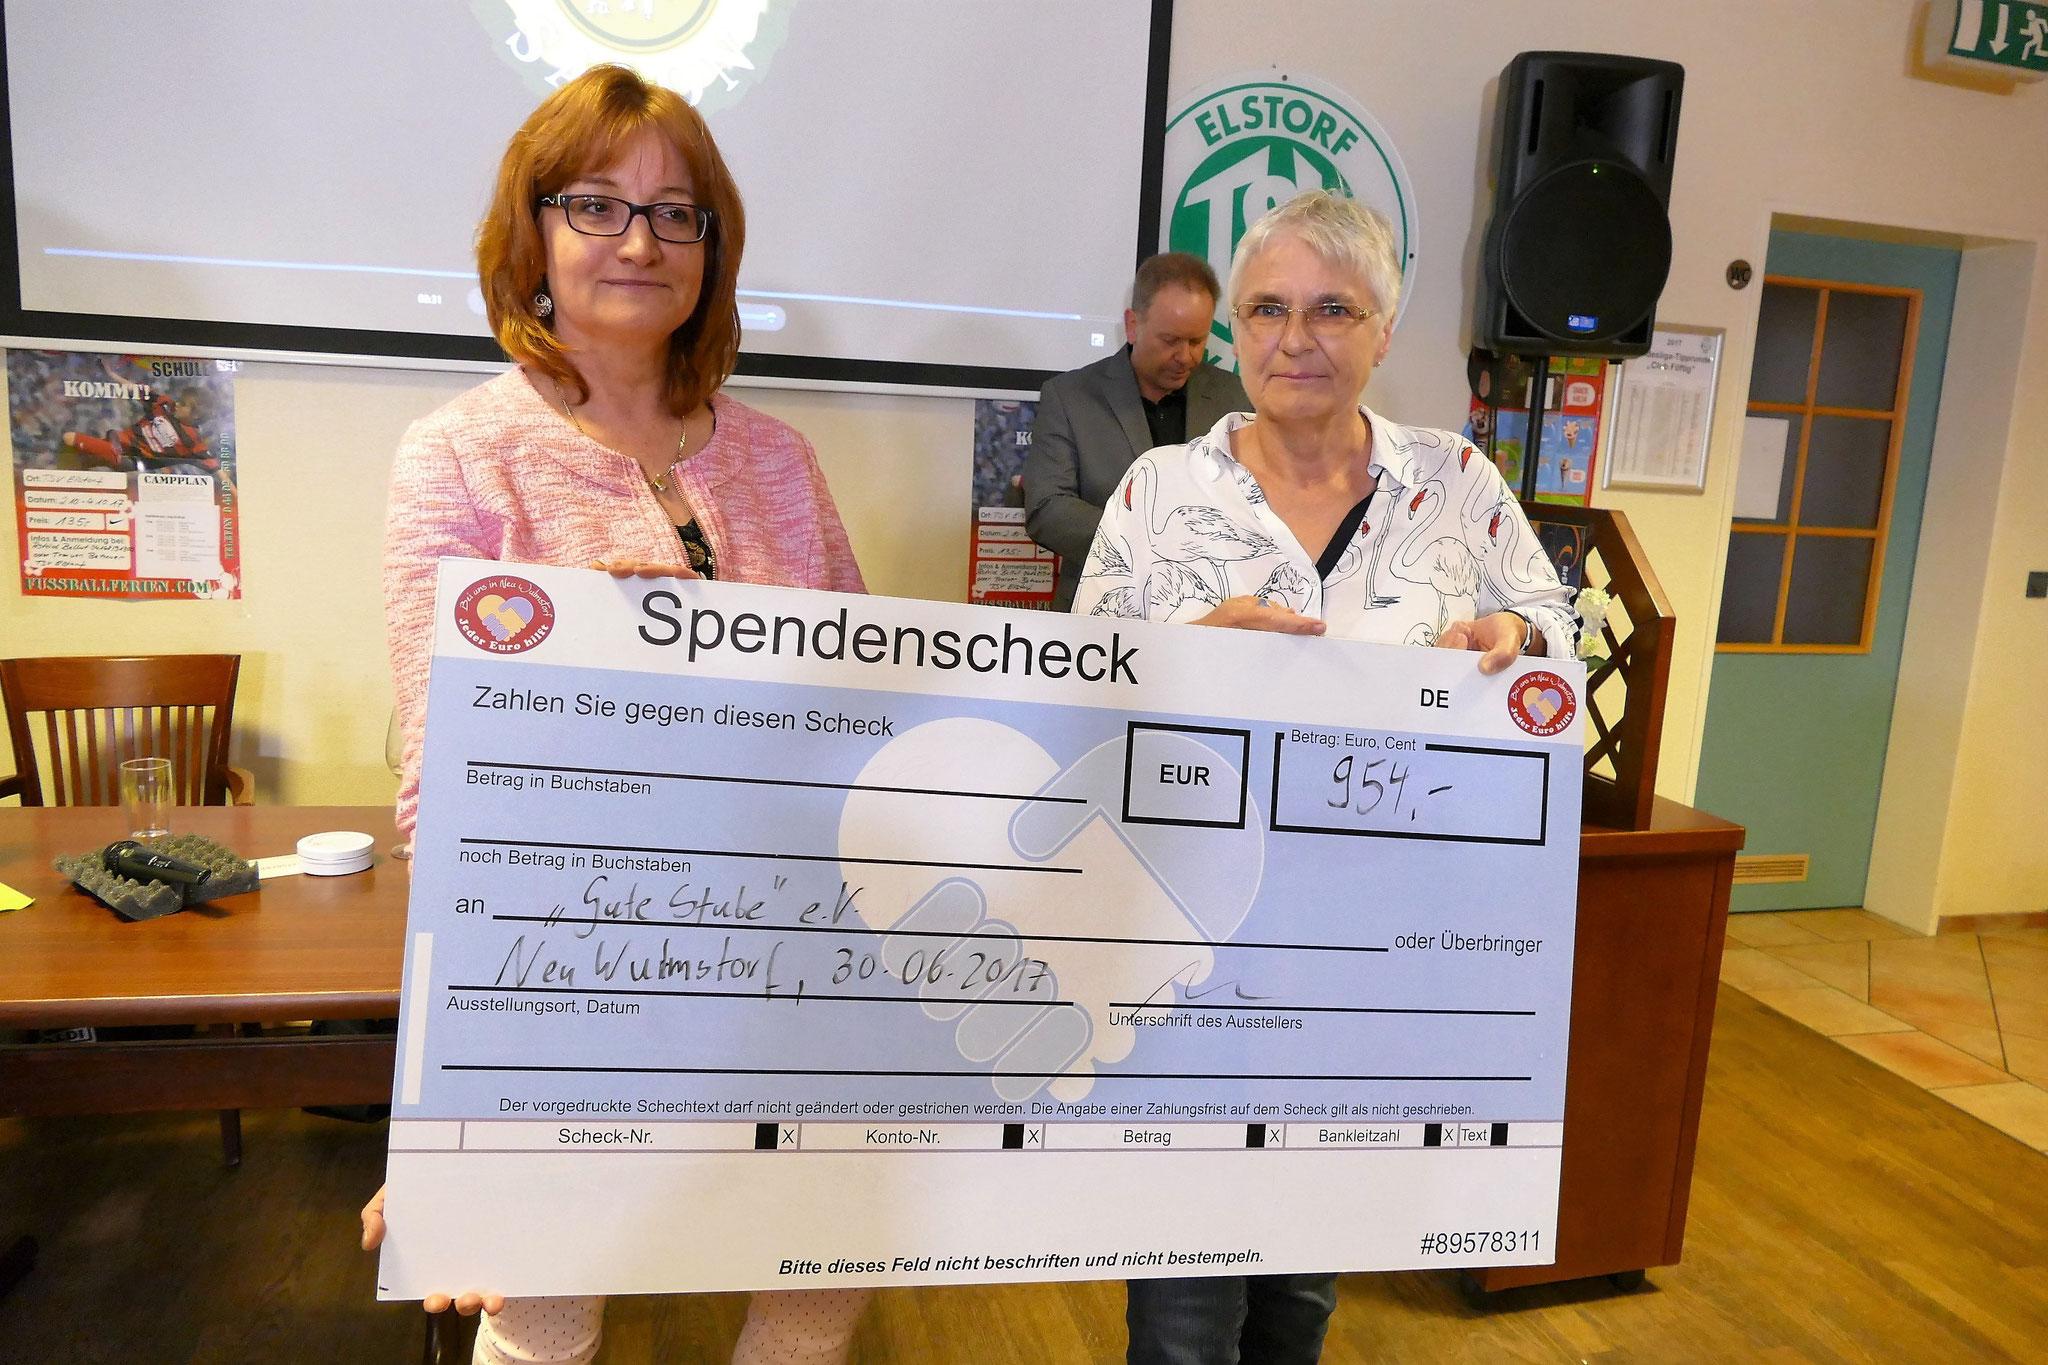 Das Spendenfinale: 954 Euro sind zusammengekommen an diesem Abend für die Senioren in unserer Gemeinde